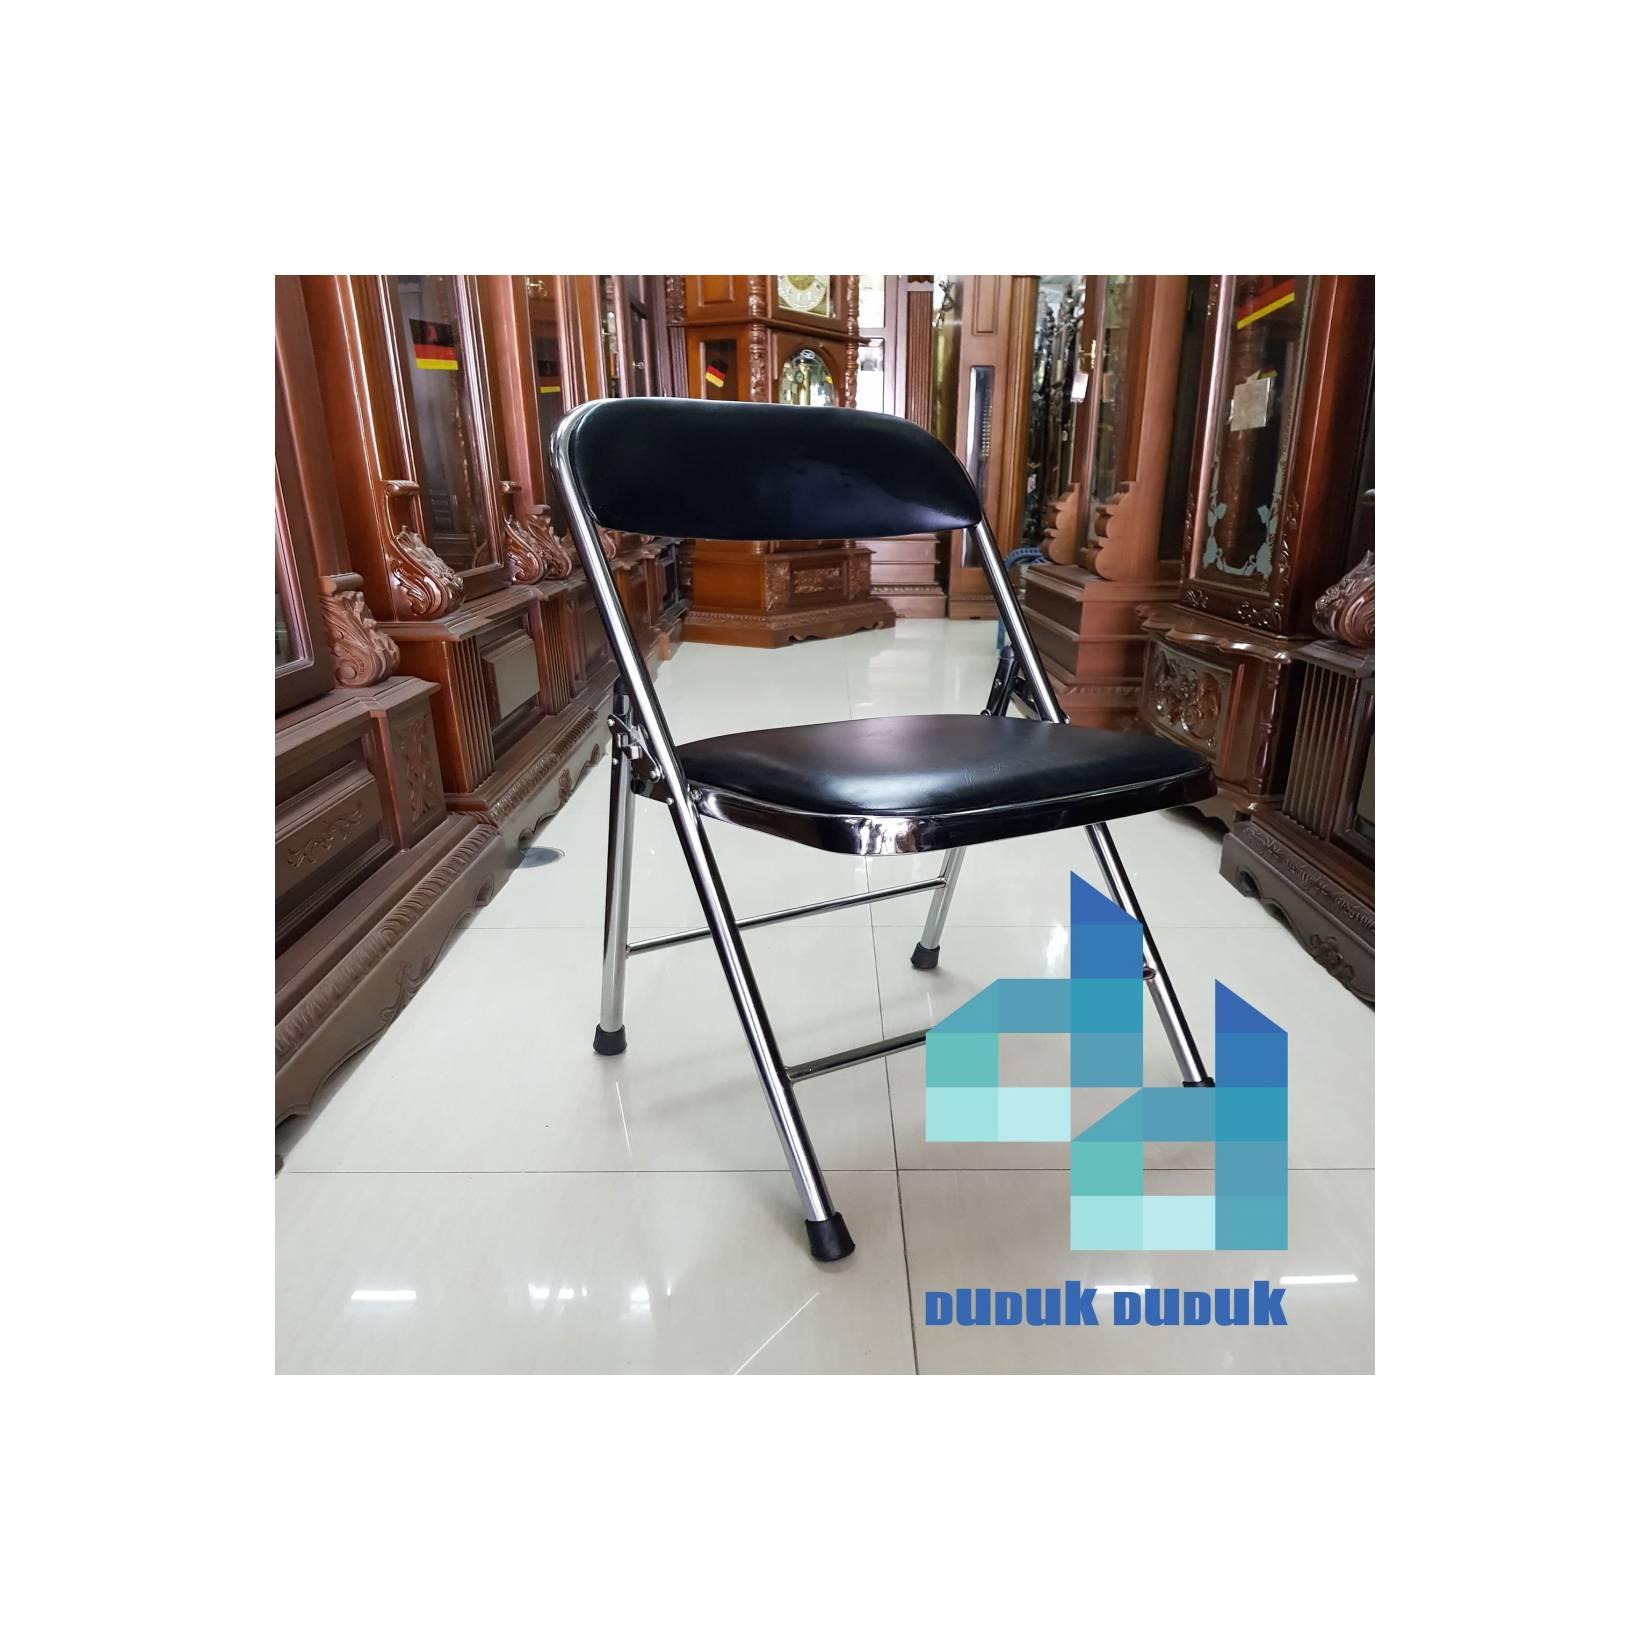 kursi lipat baru folding chair hajatan sewa tenda acara meeting kantor